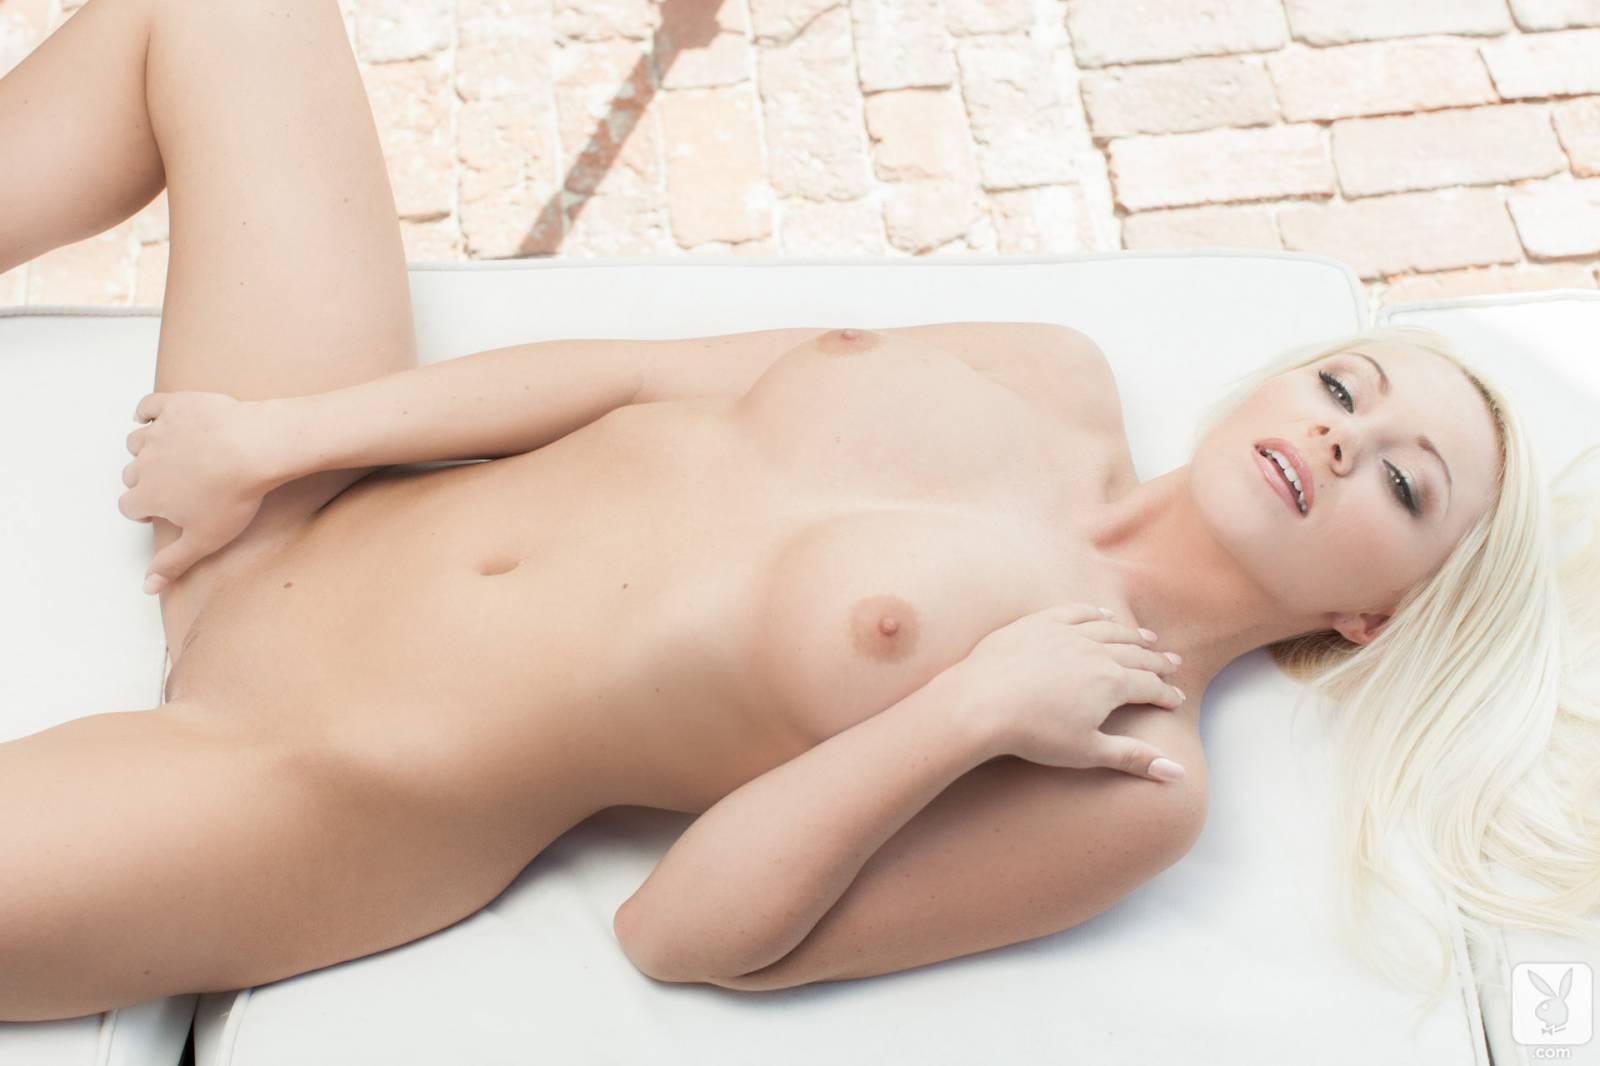 Hd english nudes in hentai tube